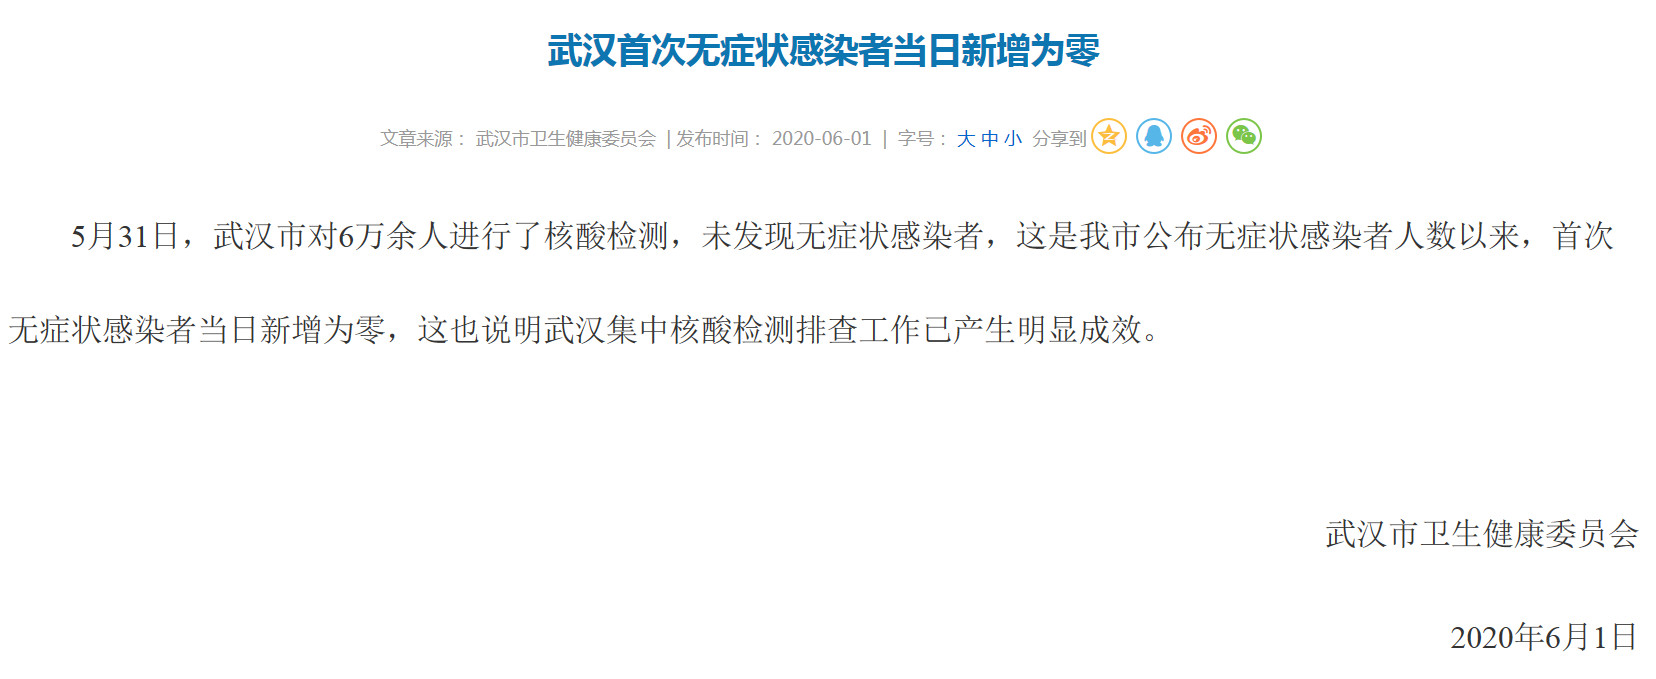 好消息!武汉首次无症状感染者当日新增为零